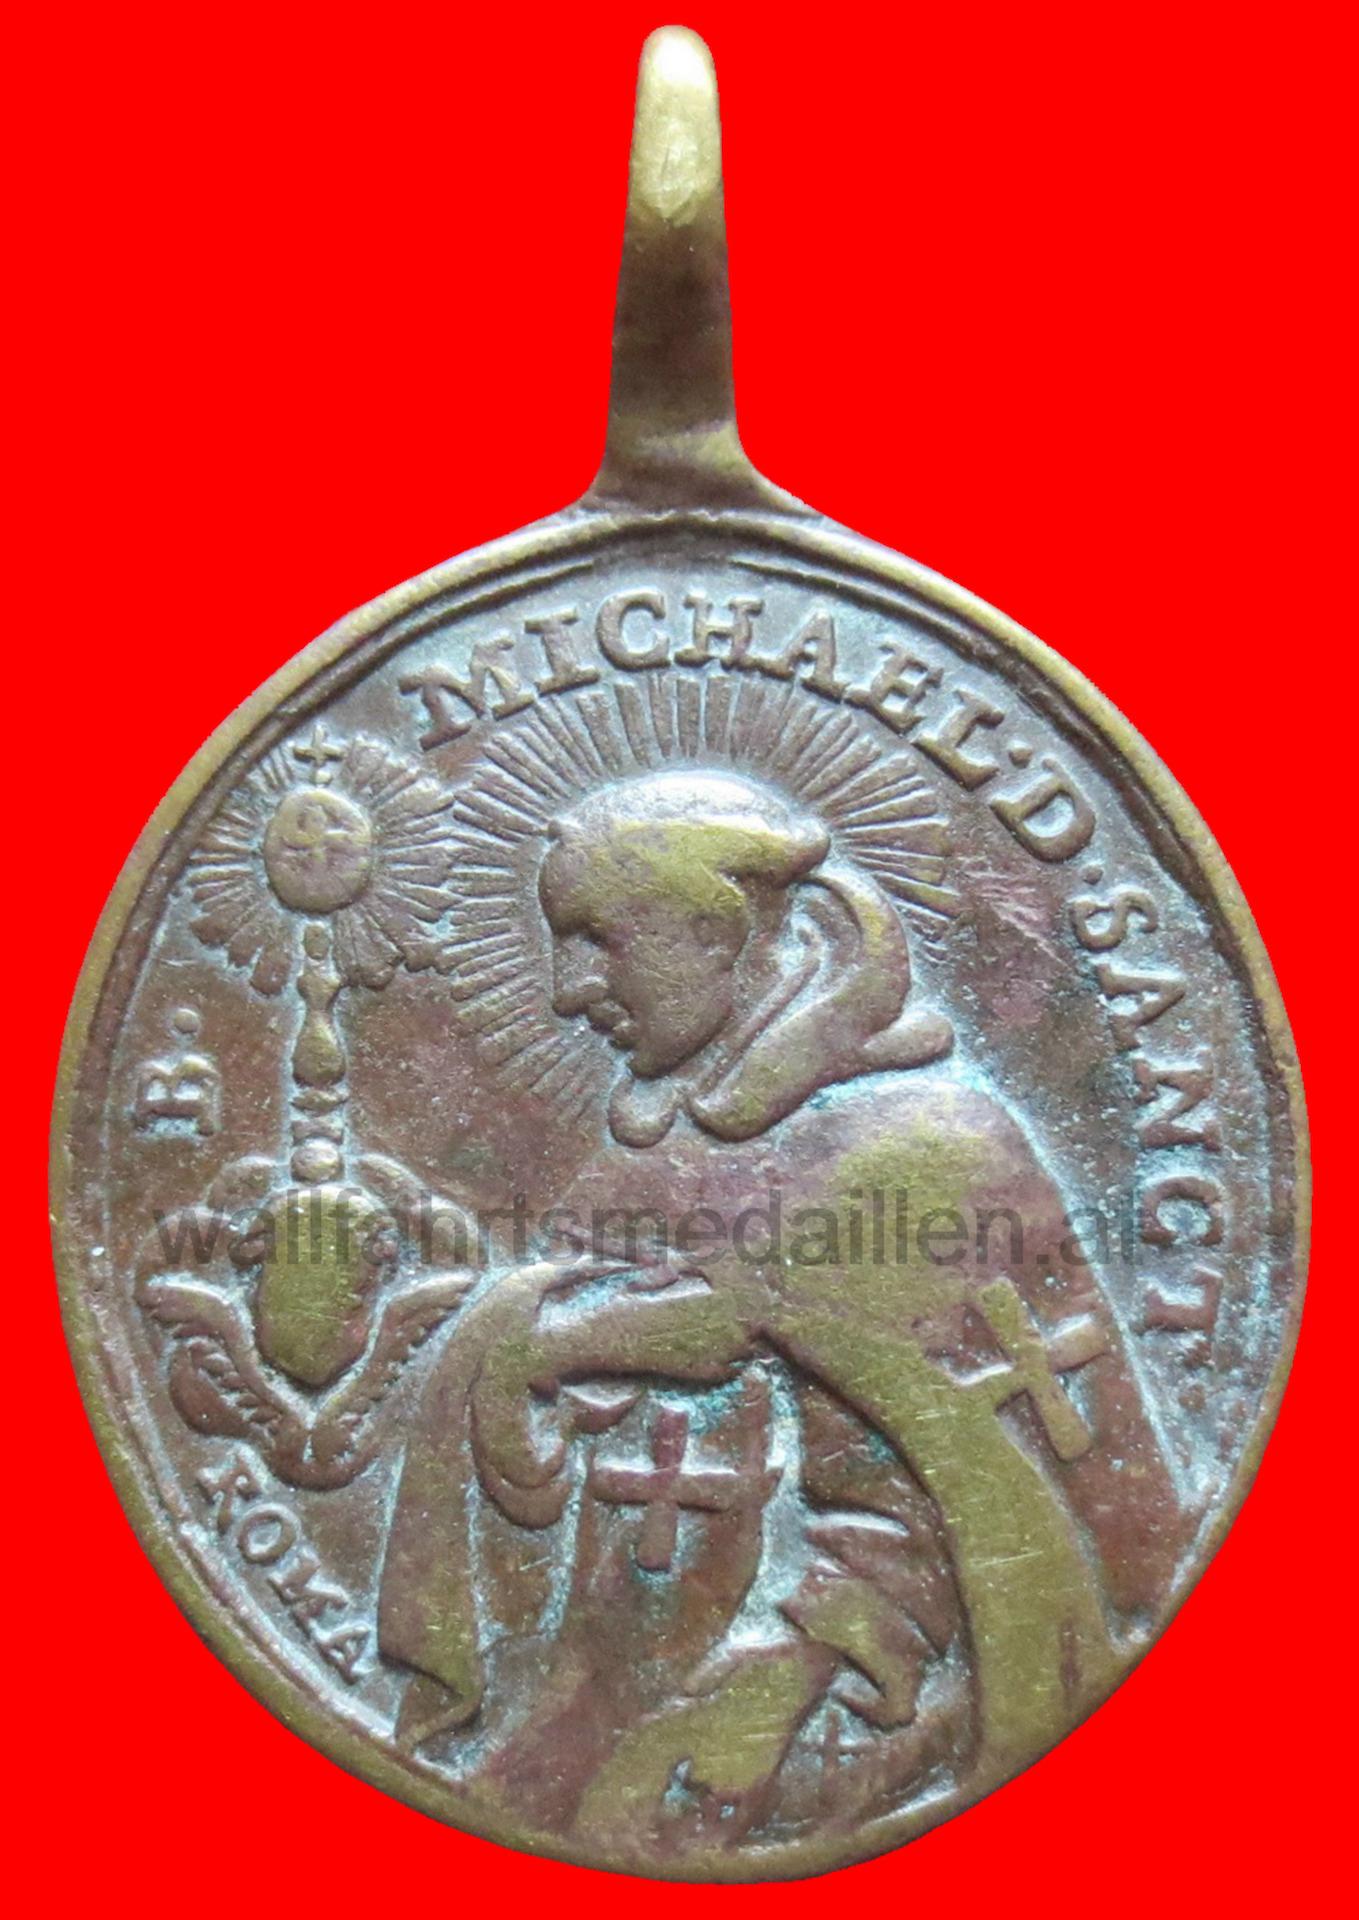 Michael von den Heiligen